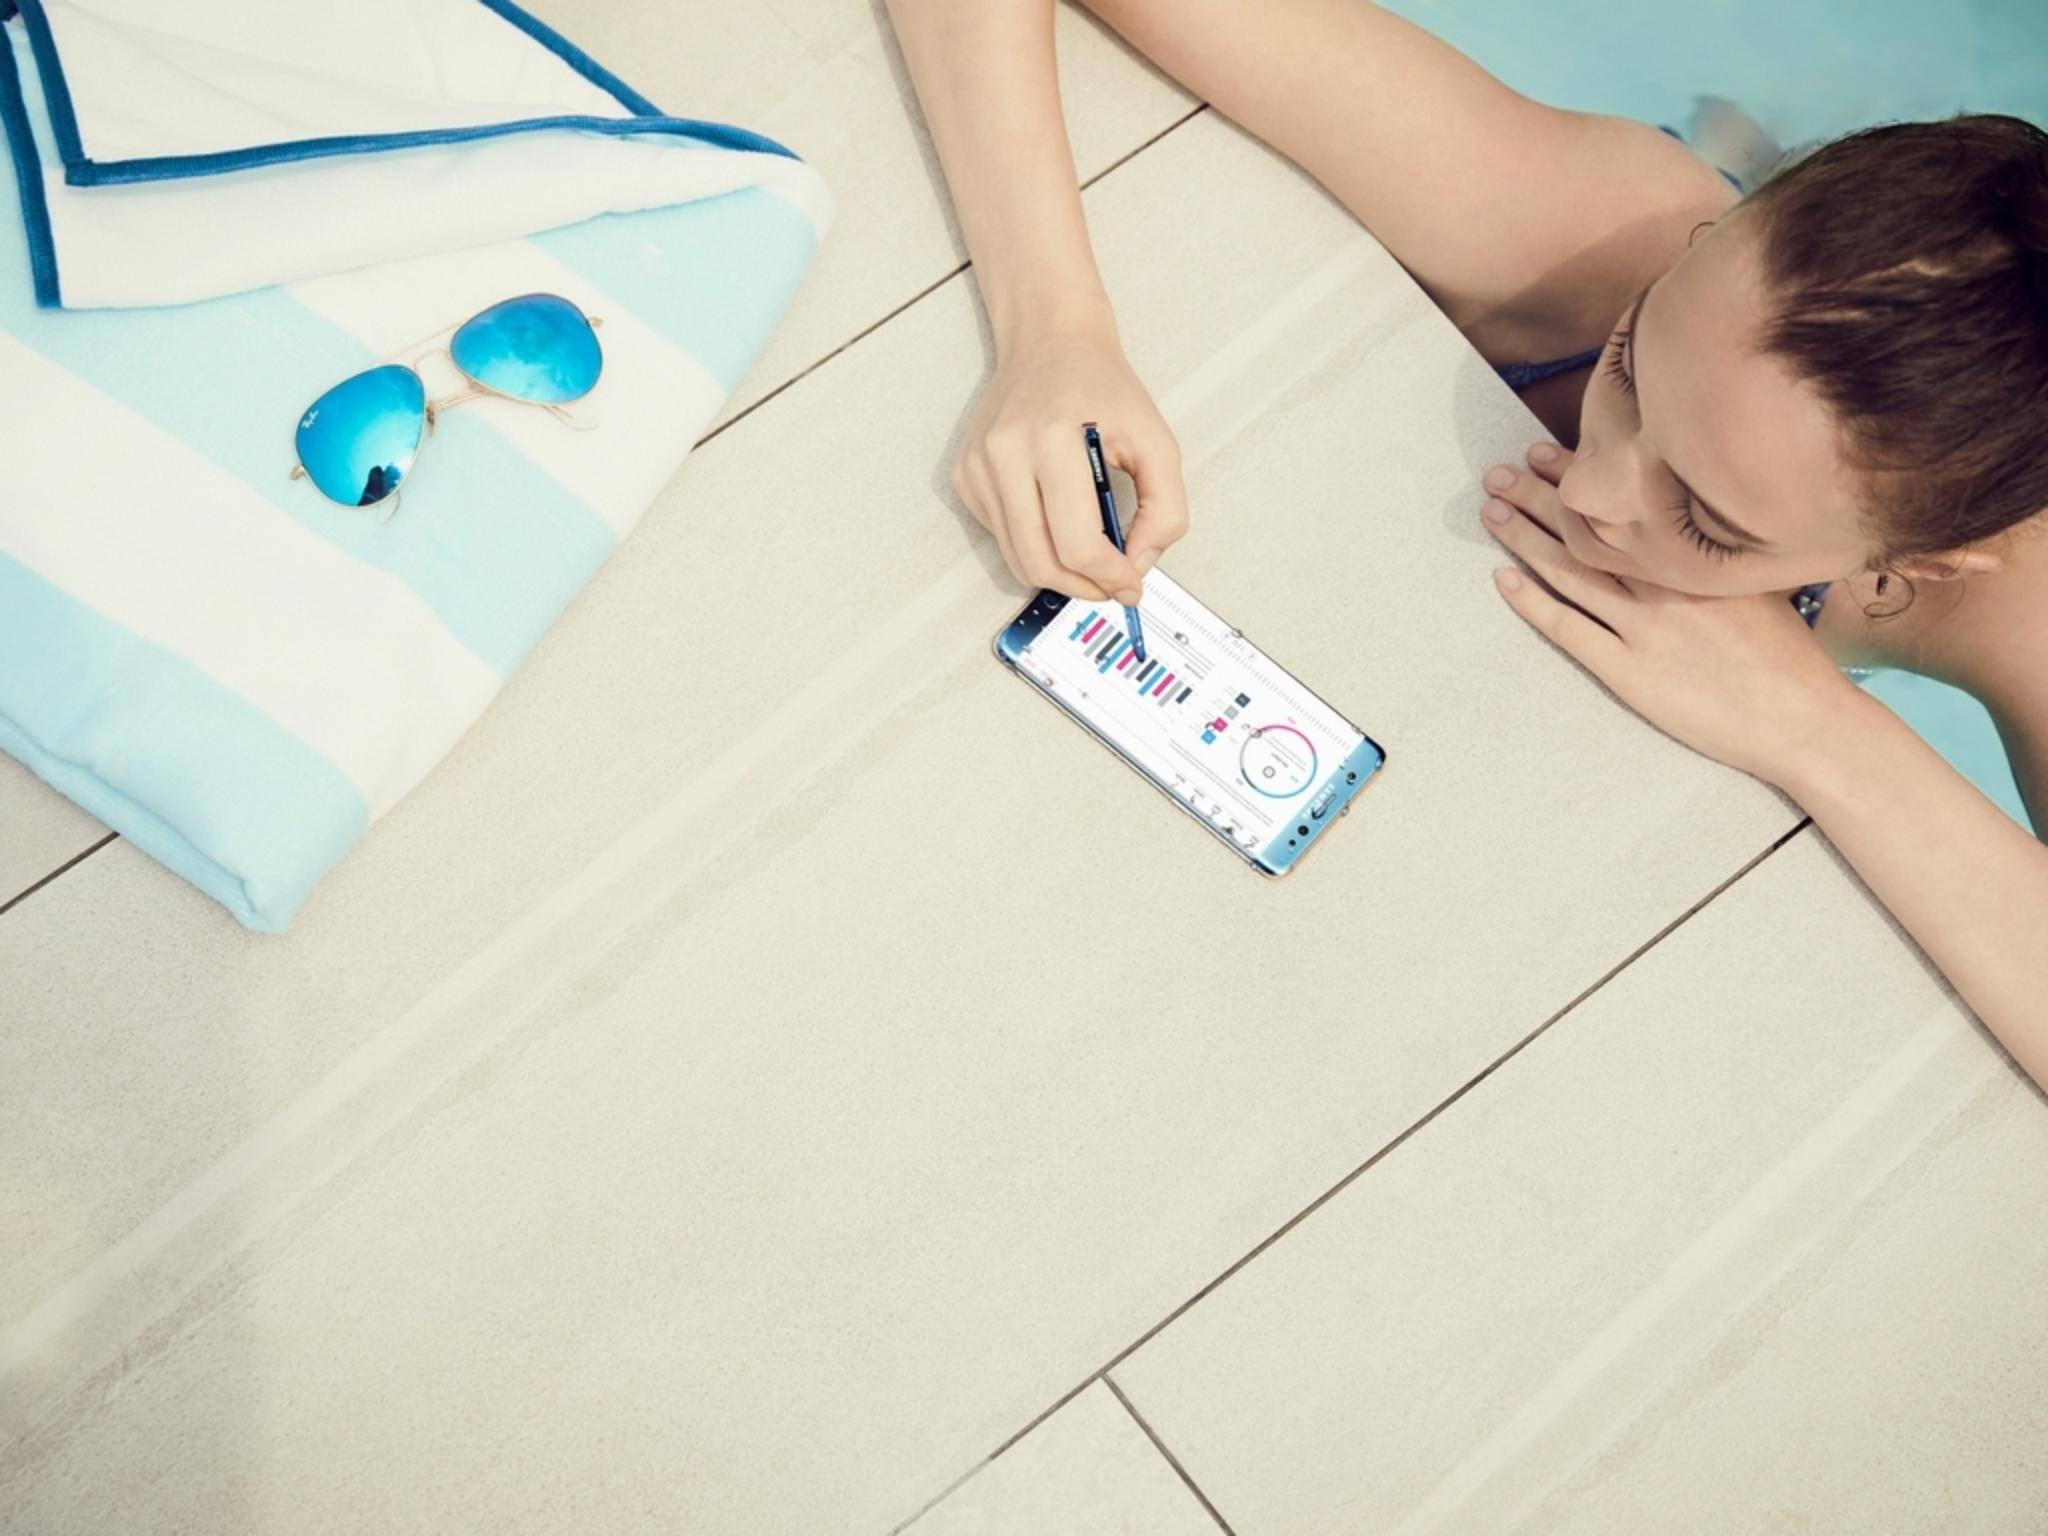 Das Galaxy Note 7 kommt noch besser an als erwartet.